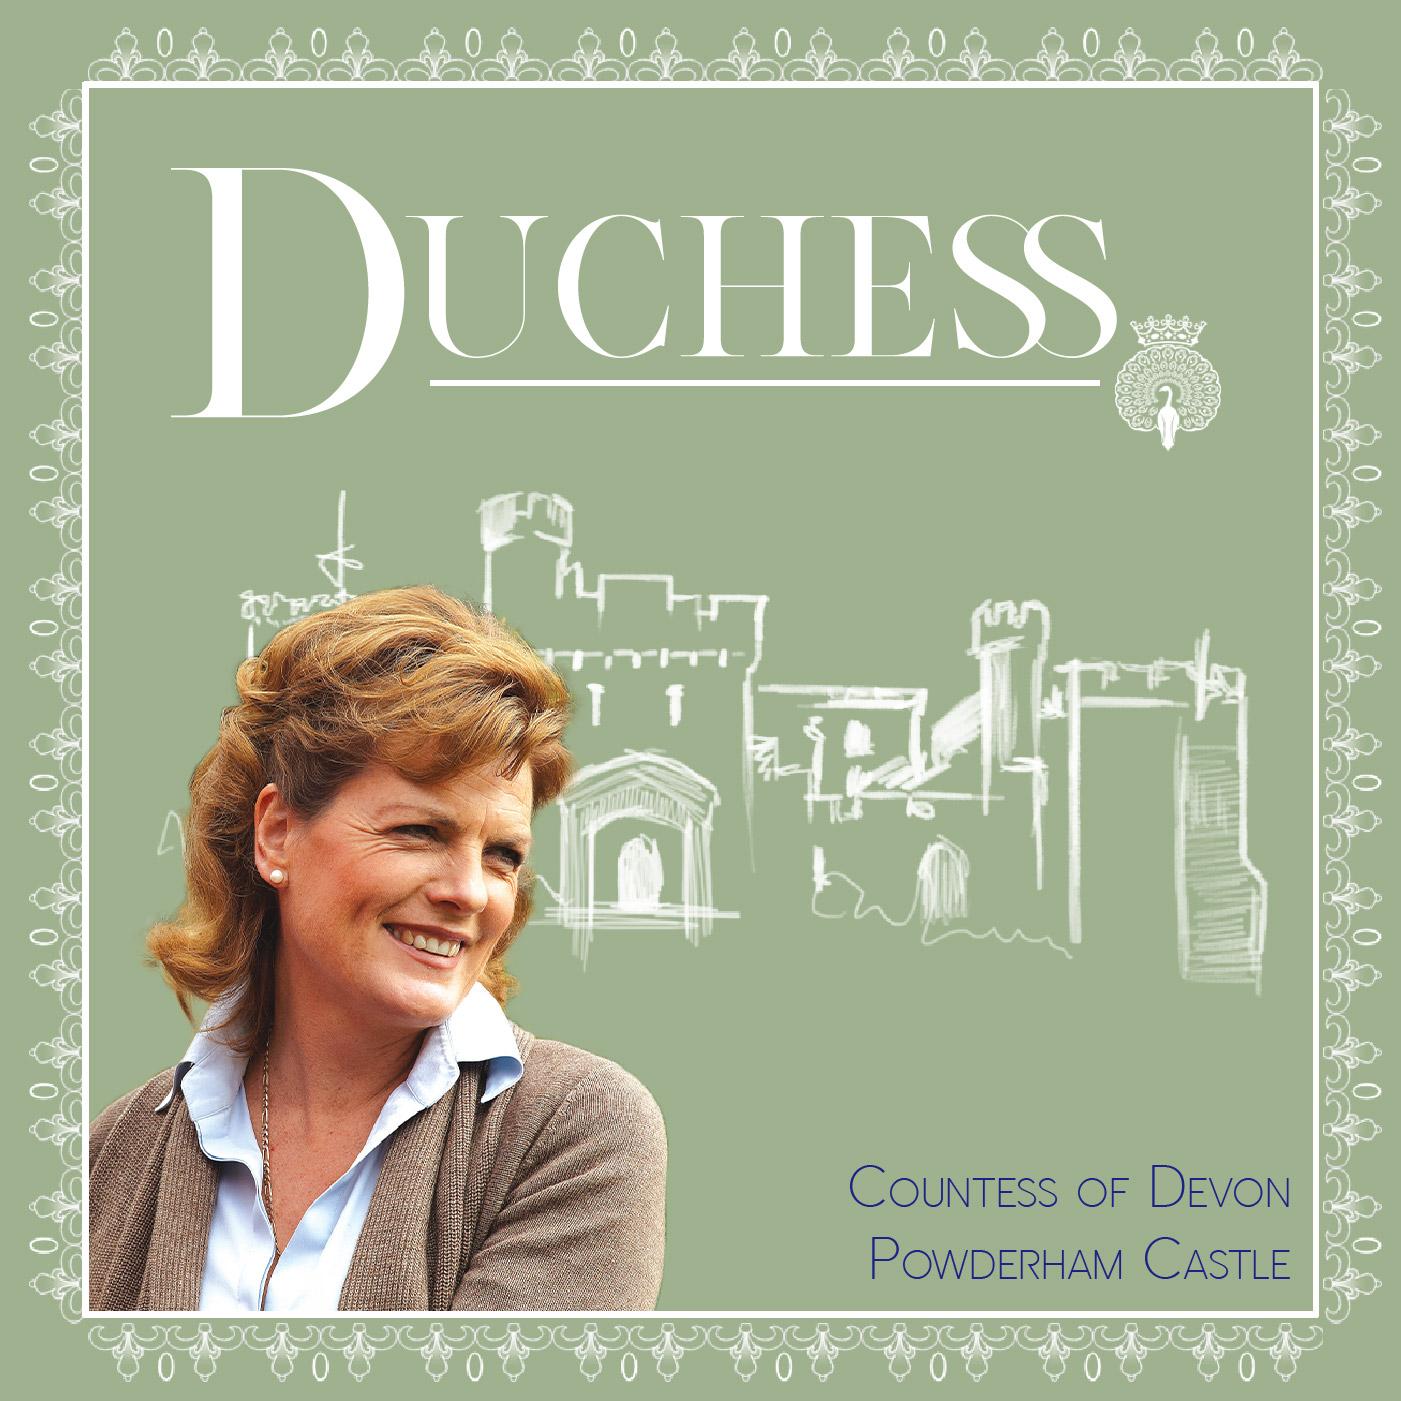 The Countess of Devon at Powderham Castle